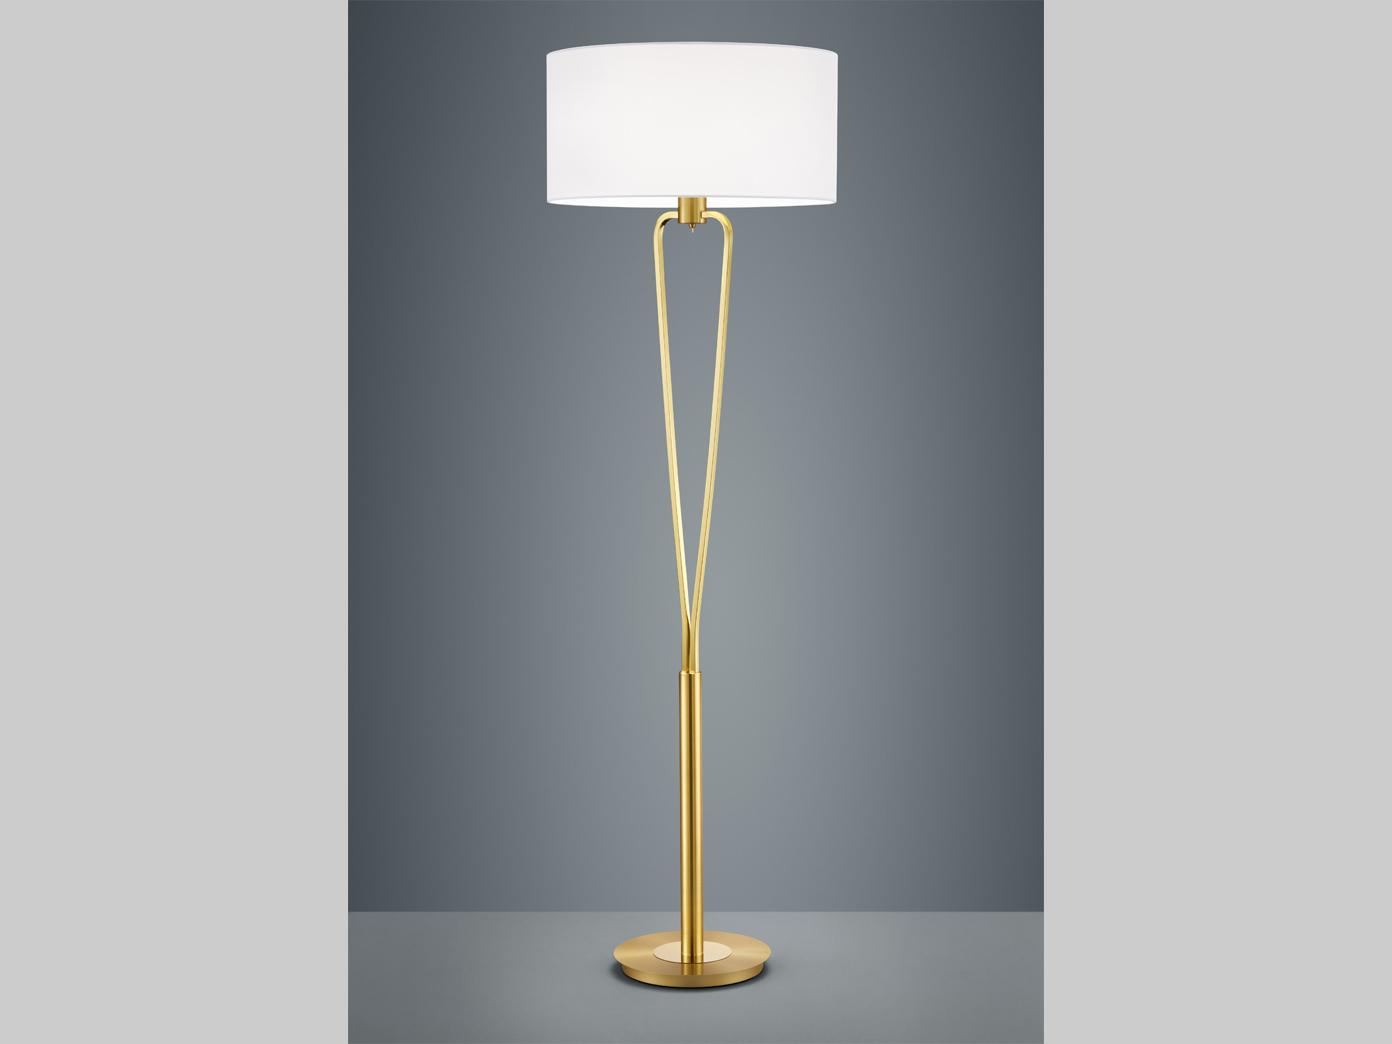 Klassische Led Stehlampe Messing Matt Mit Rundem Textil Schirm In